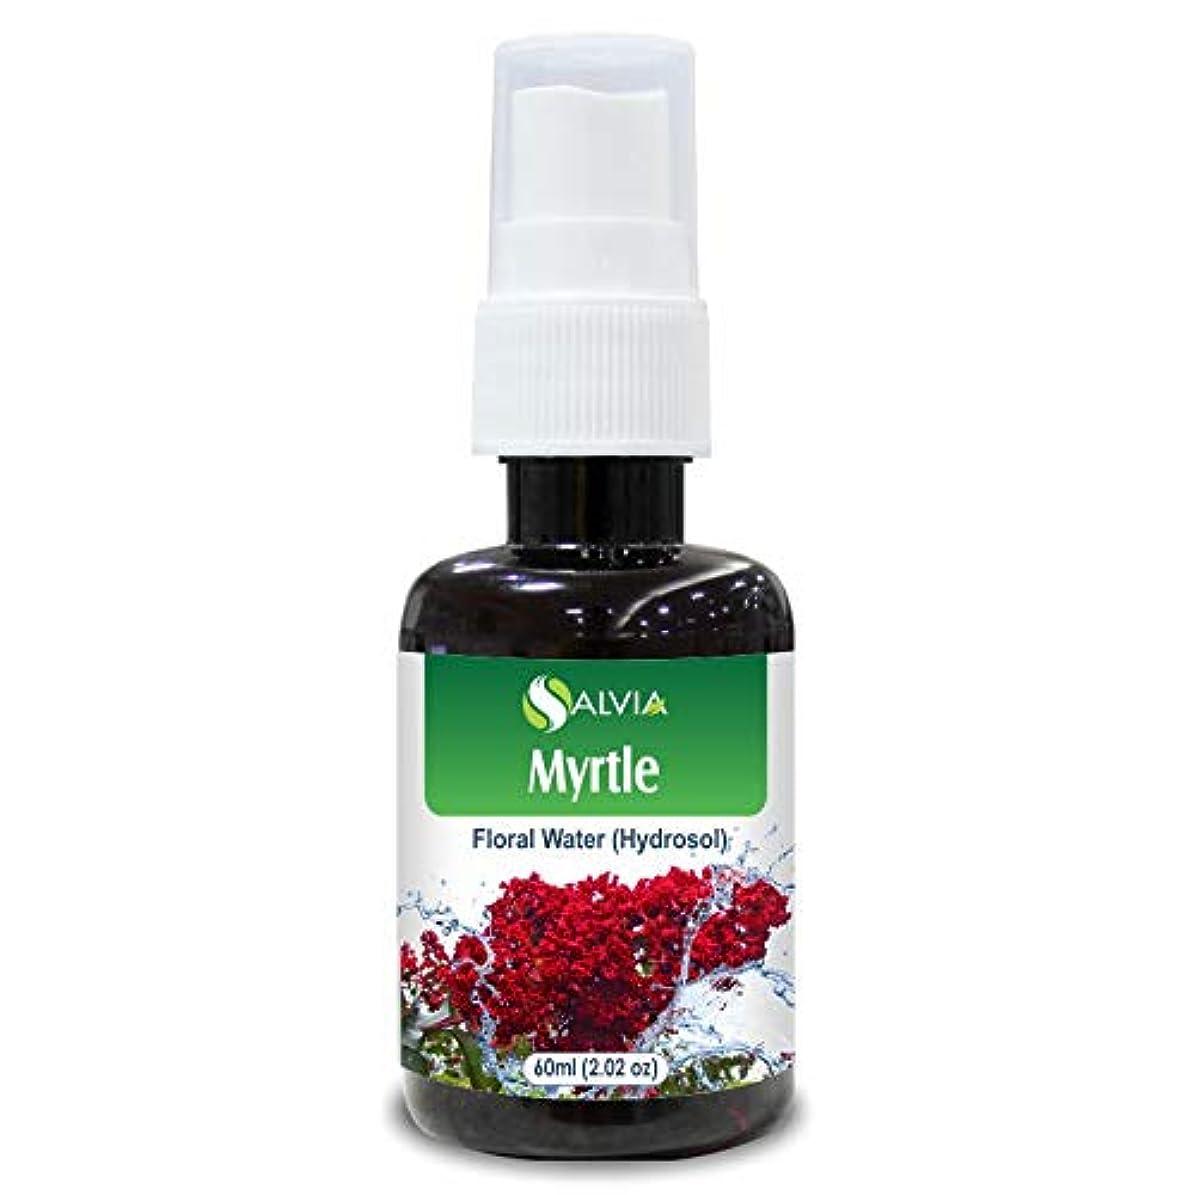 満足させる結び目無許可Myrtle Floral Water 60ml (Hydrosol) 100% Pure And Natural